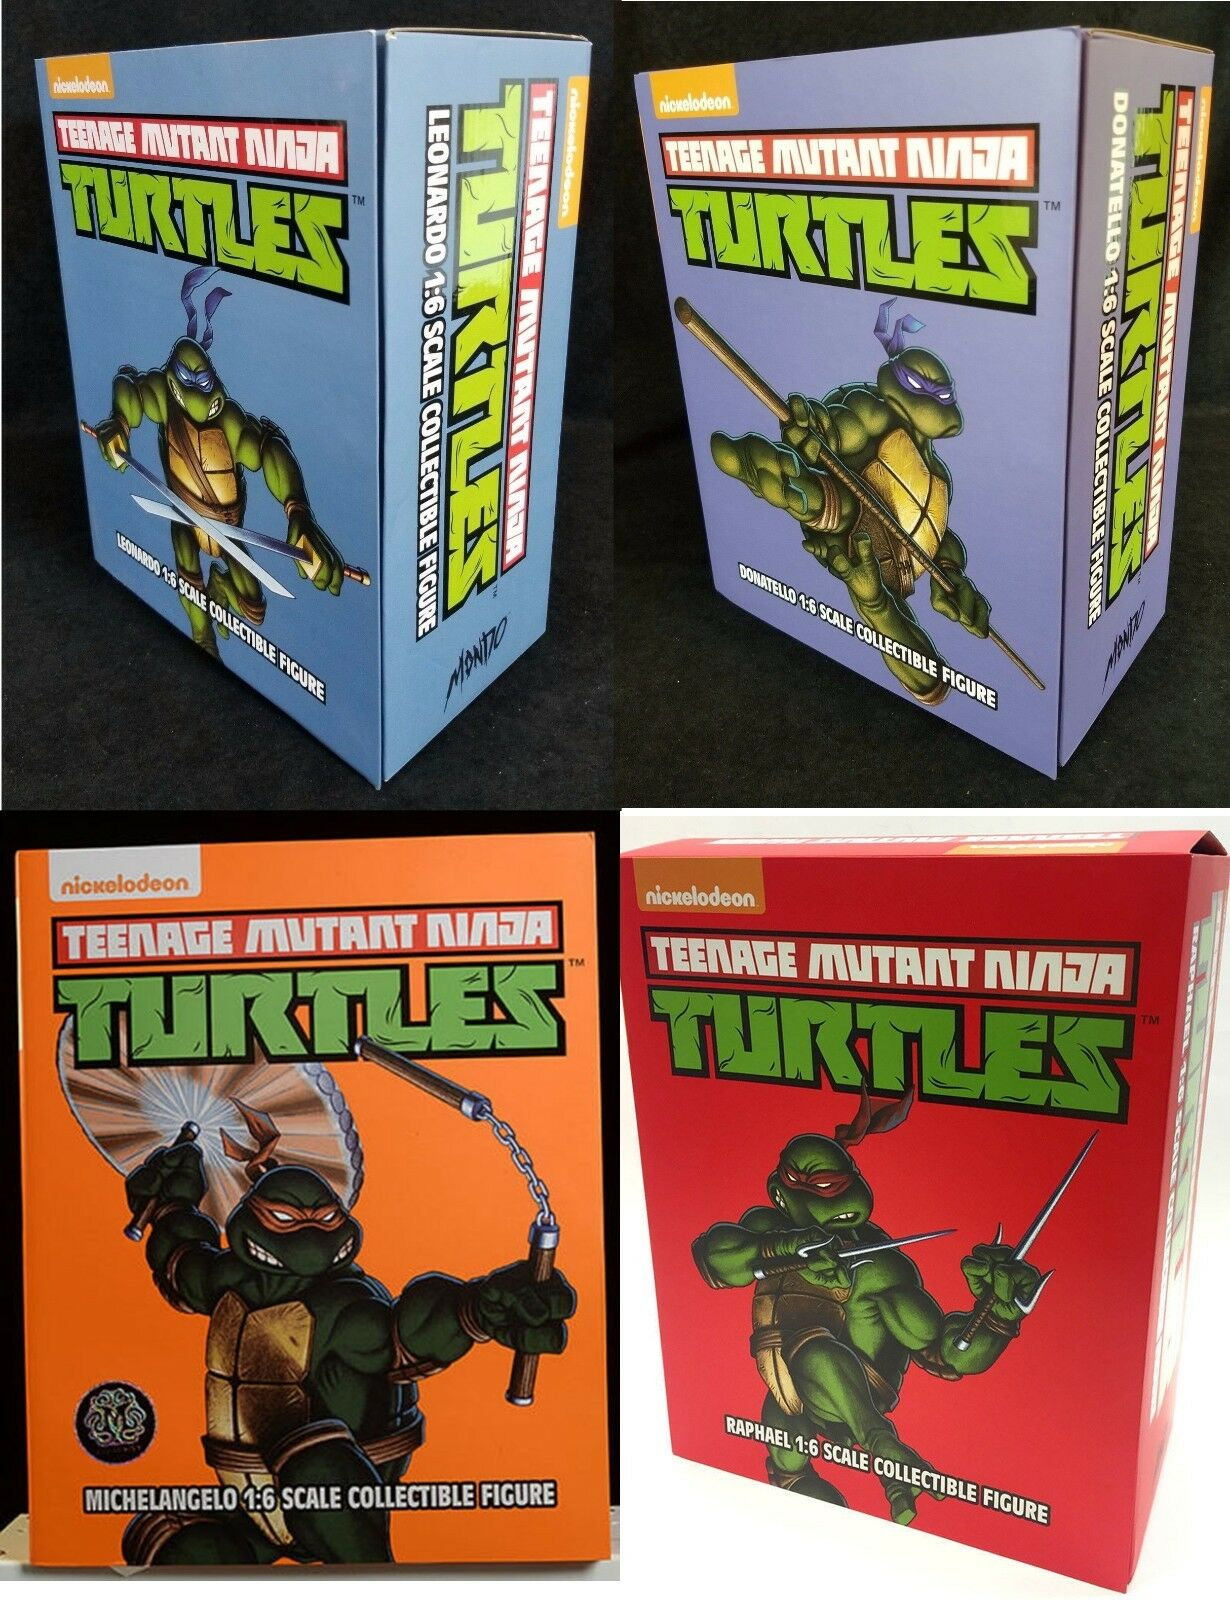 Teenage Mutant Ninja Turtles MONDO 1 6 Scale Complete Set 4 Action Figures TMNT